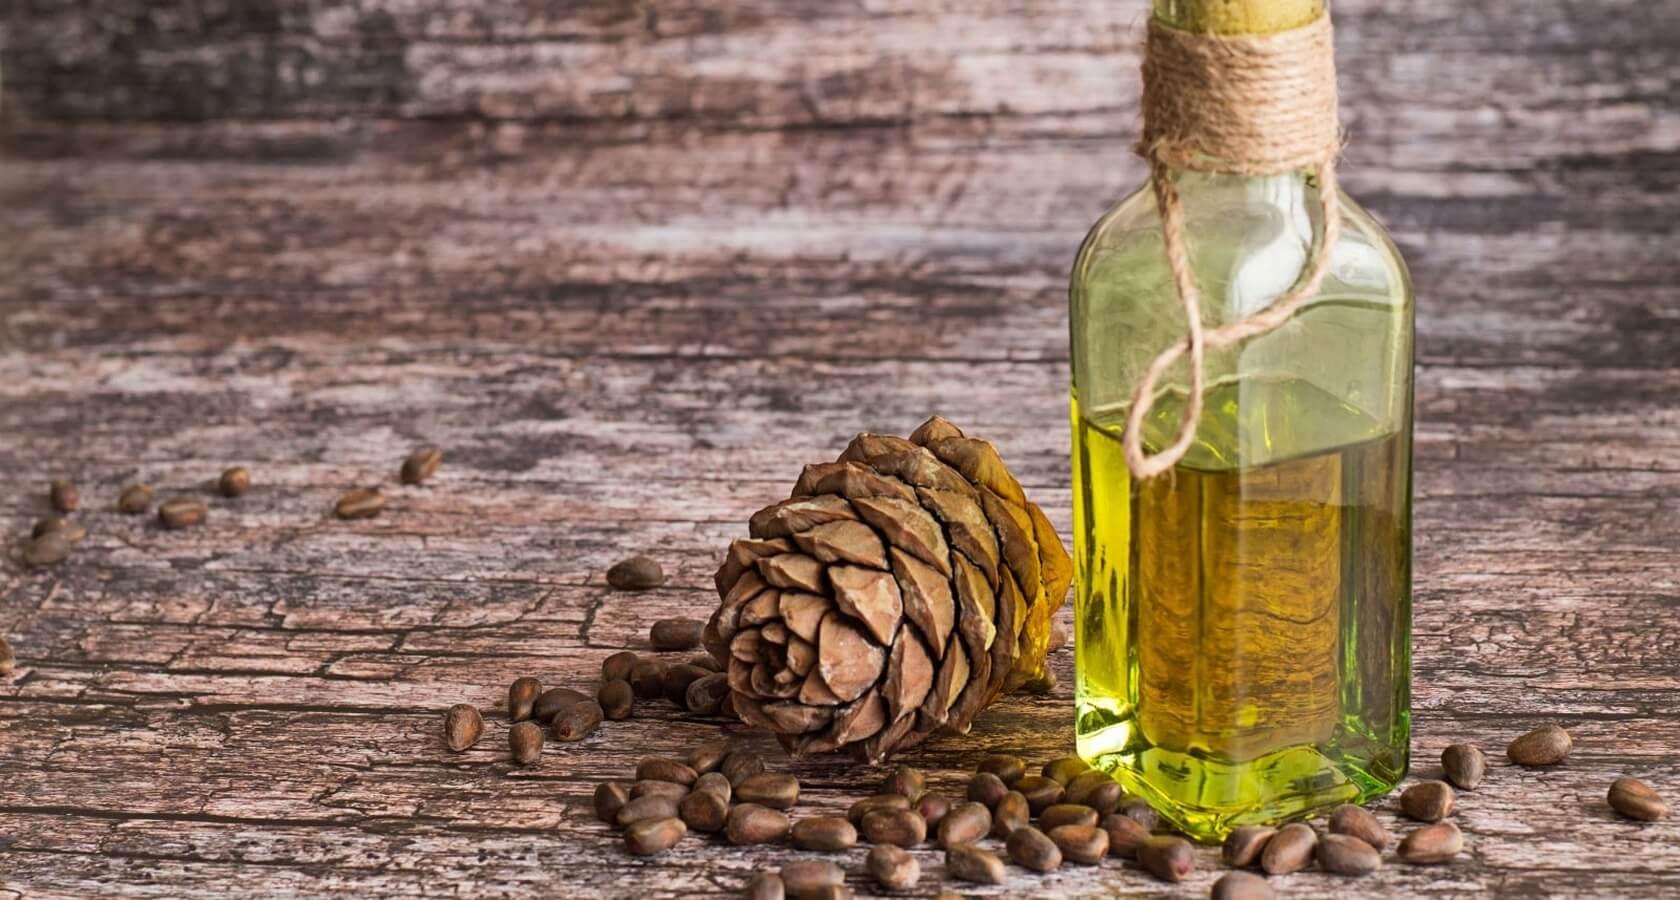 Кедровое масло польза и вред: состав и свойства, рецепты лечения